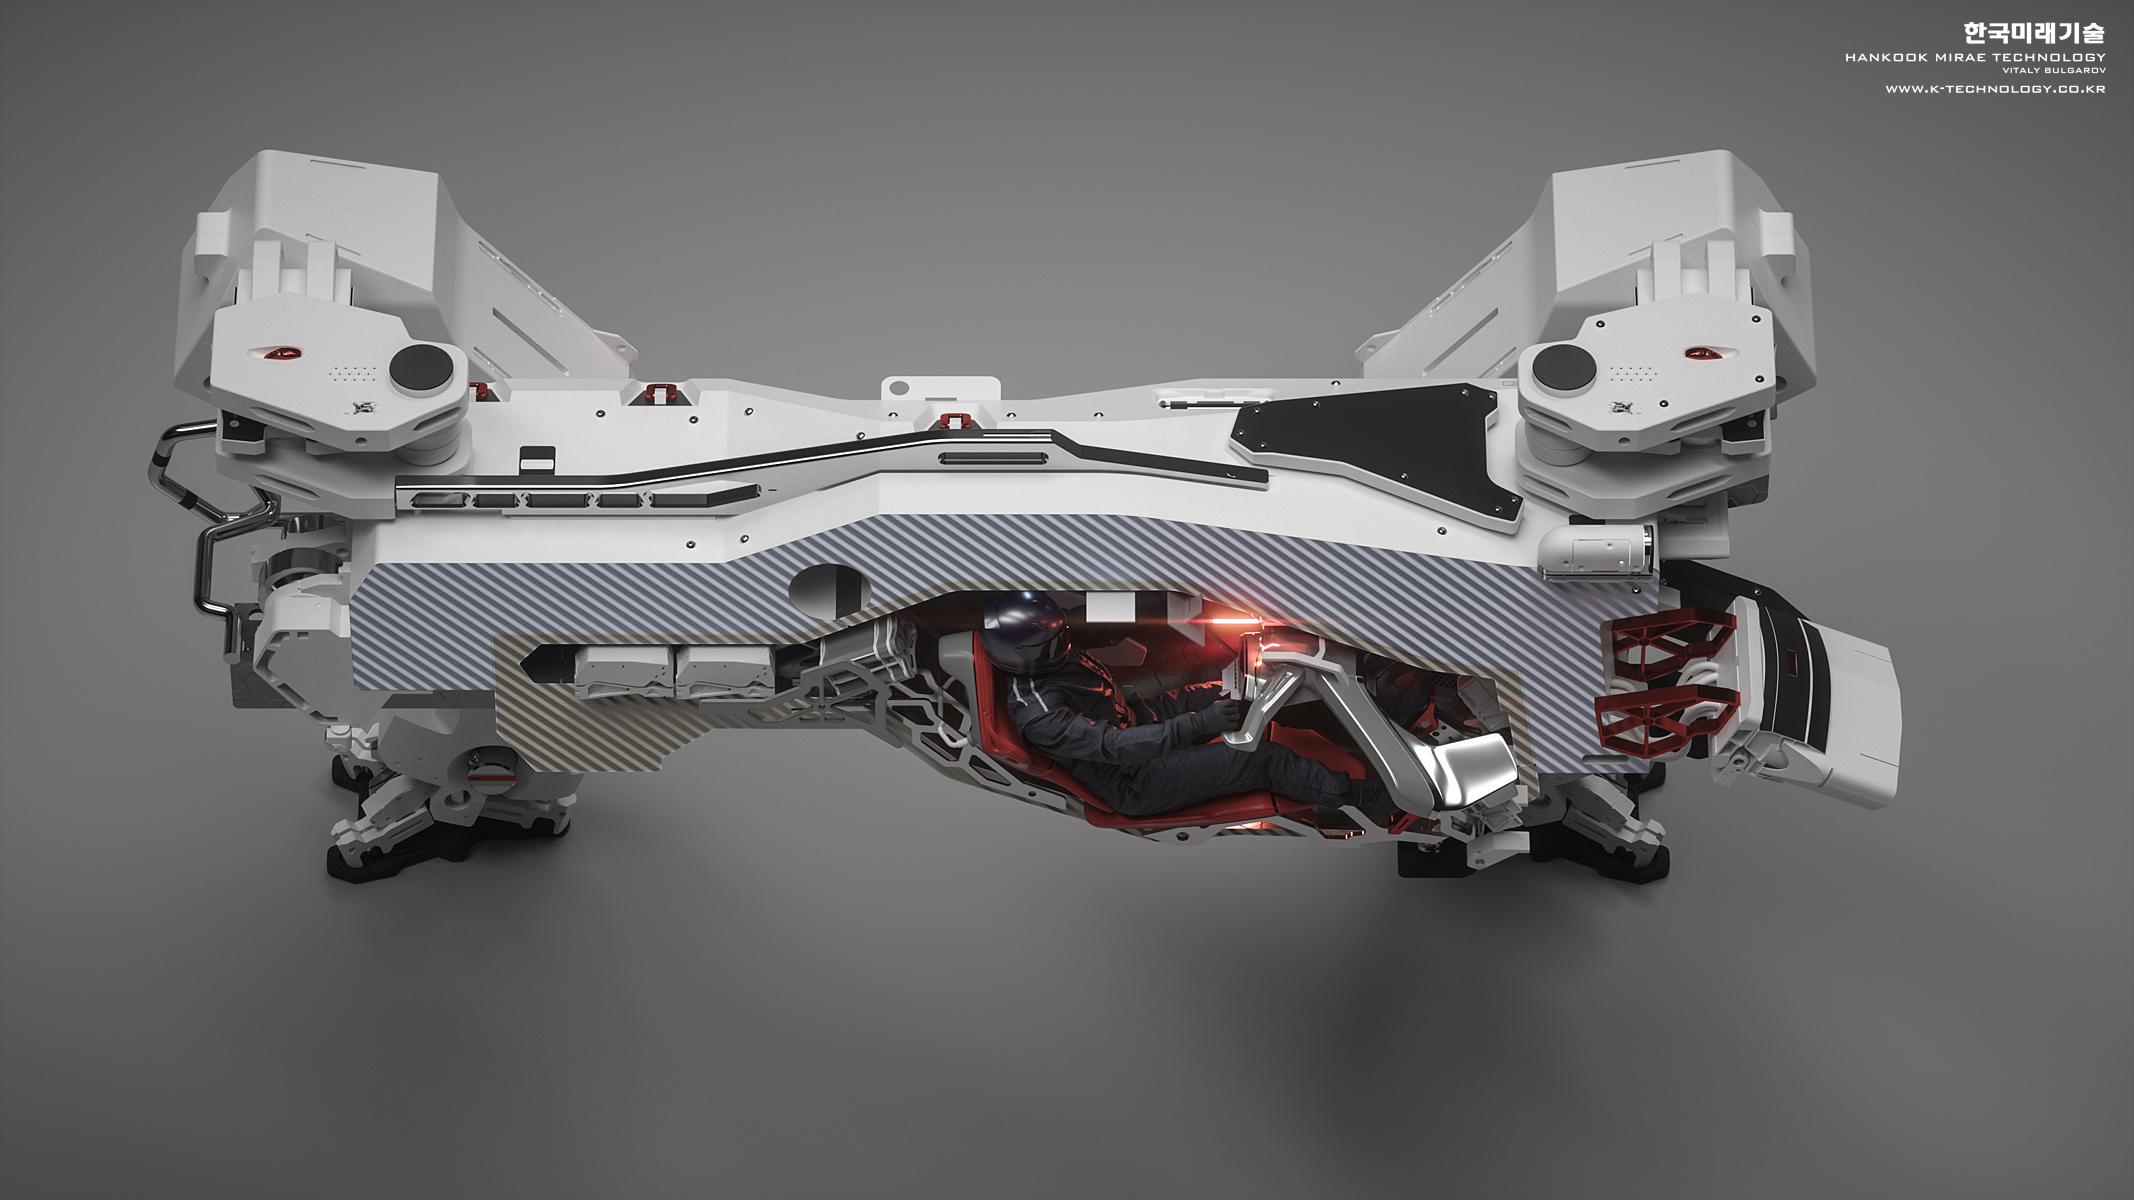 09_KFT_4LeggedRobot_Cross-SectionView_01.jpg